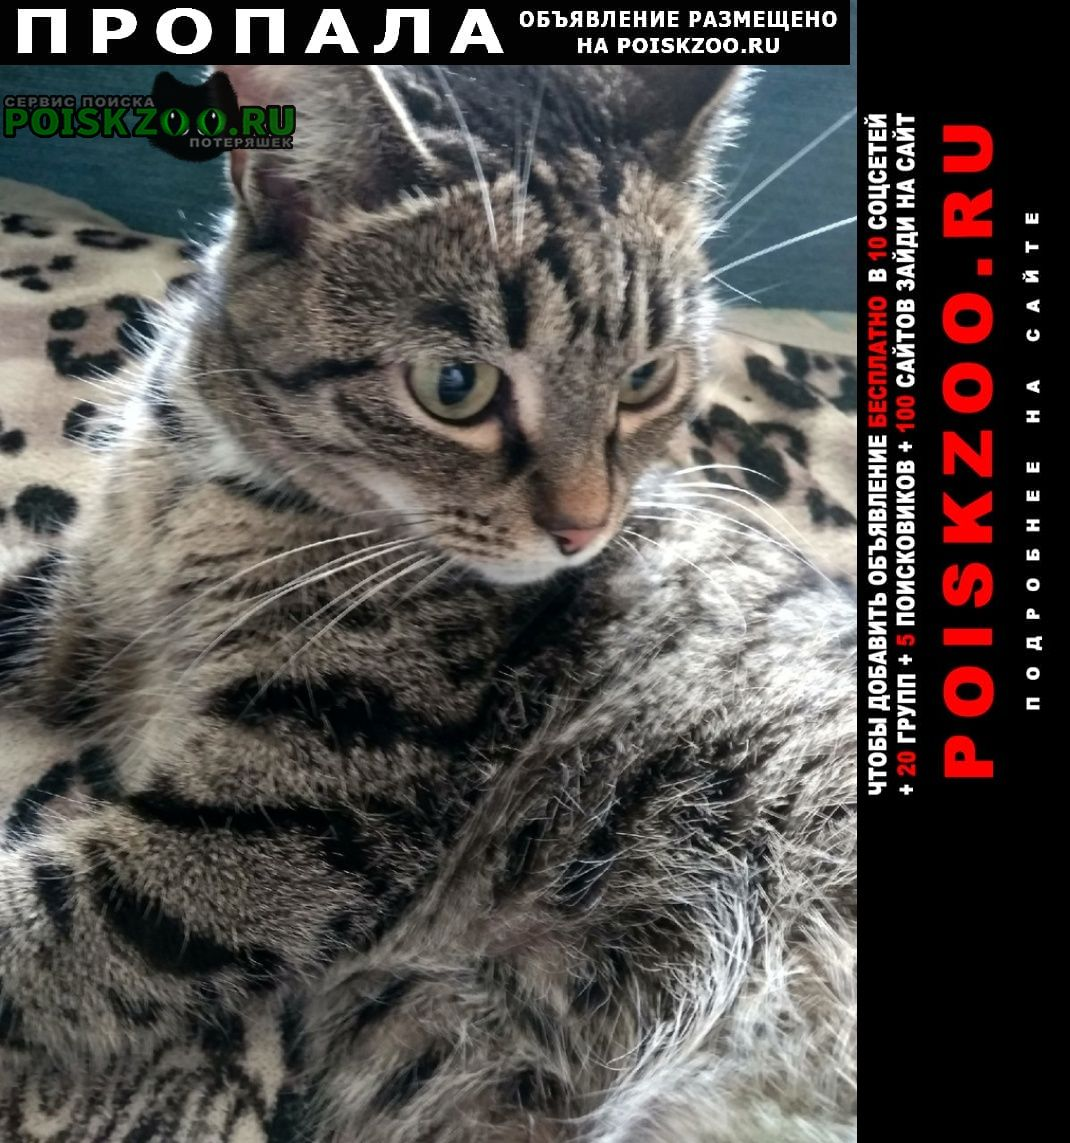 Пропала кошка Омск